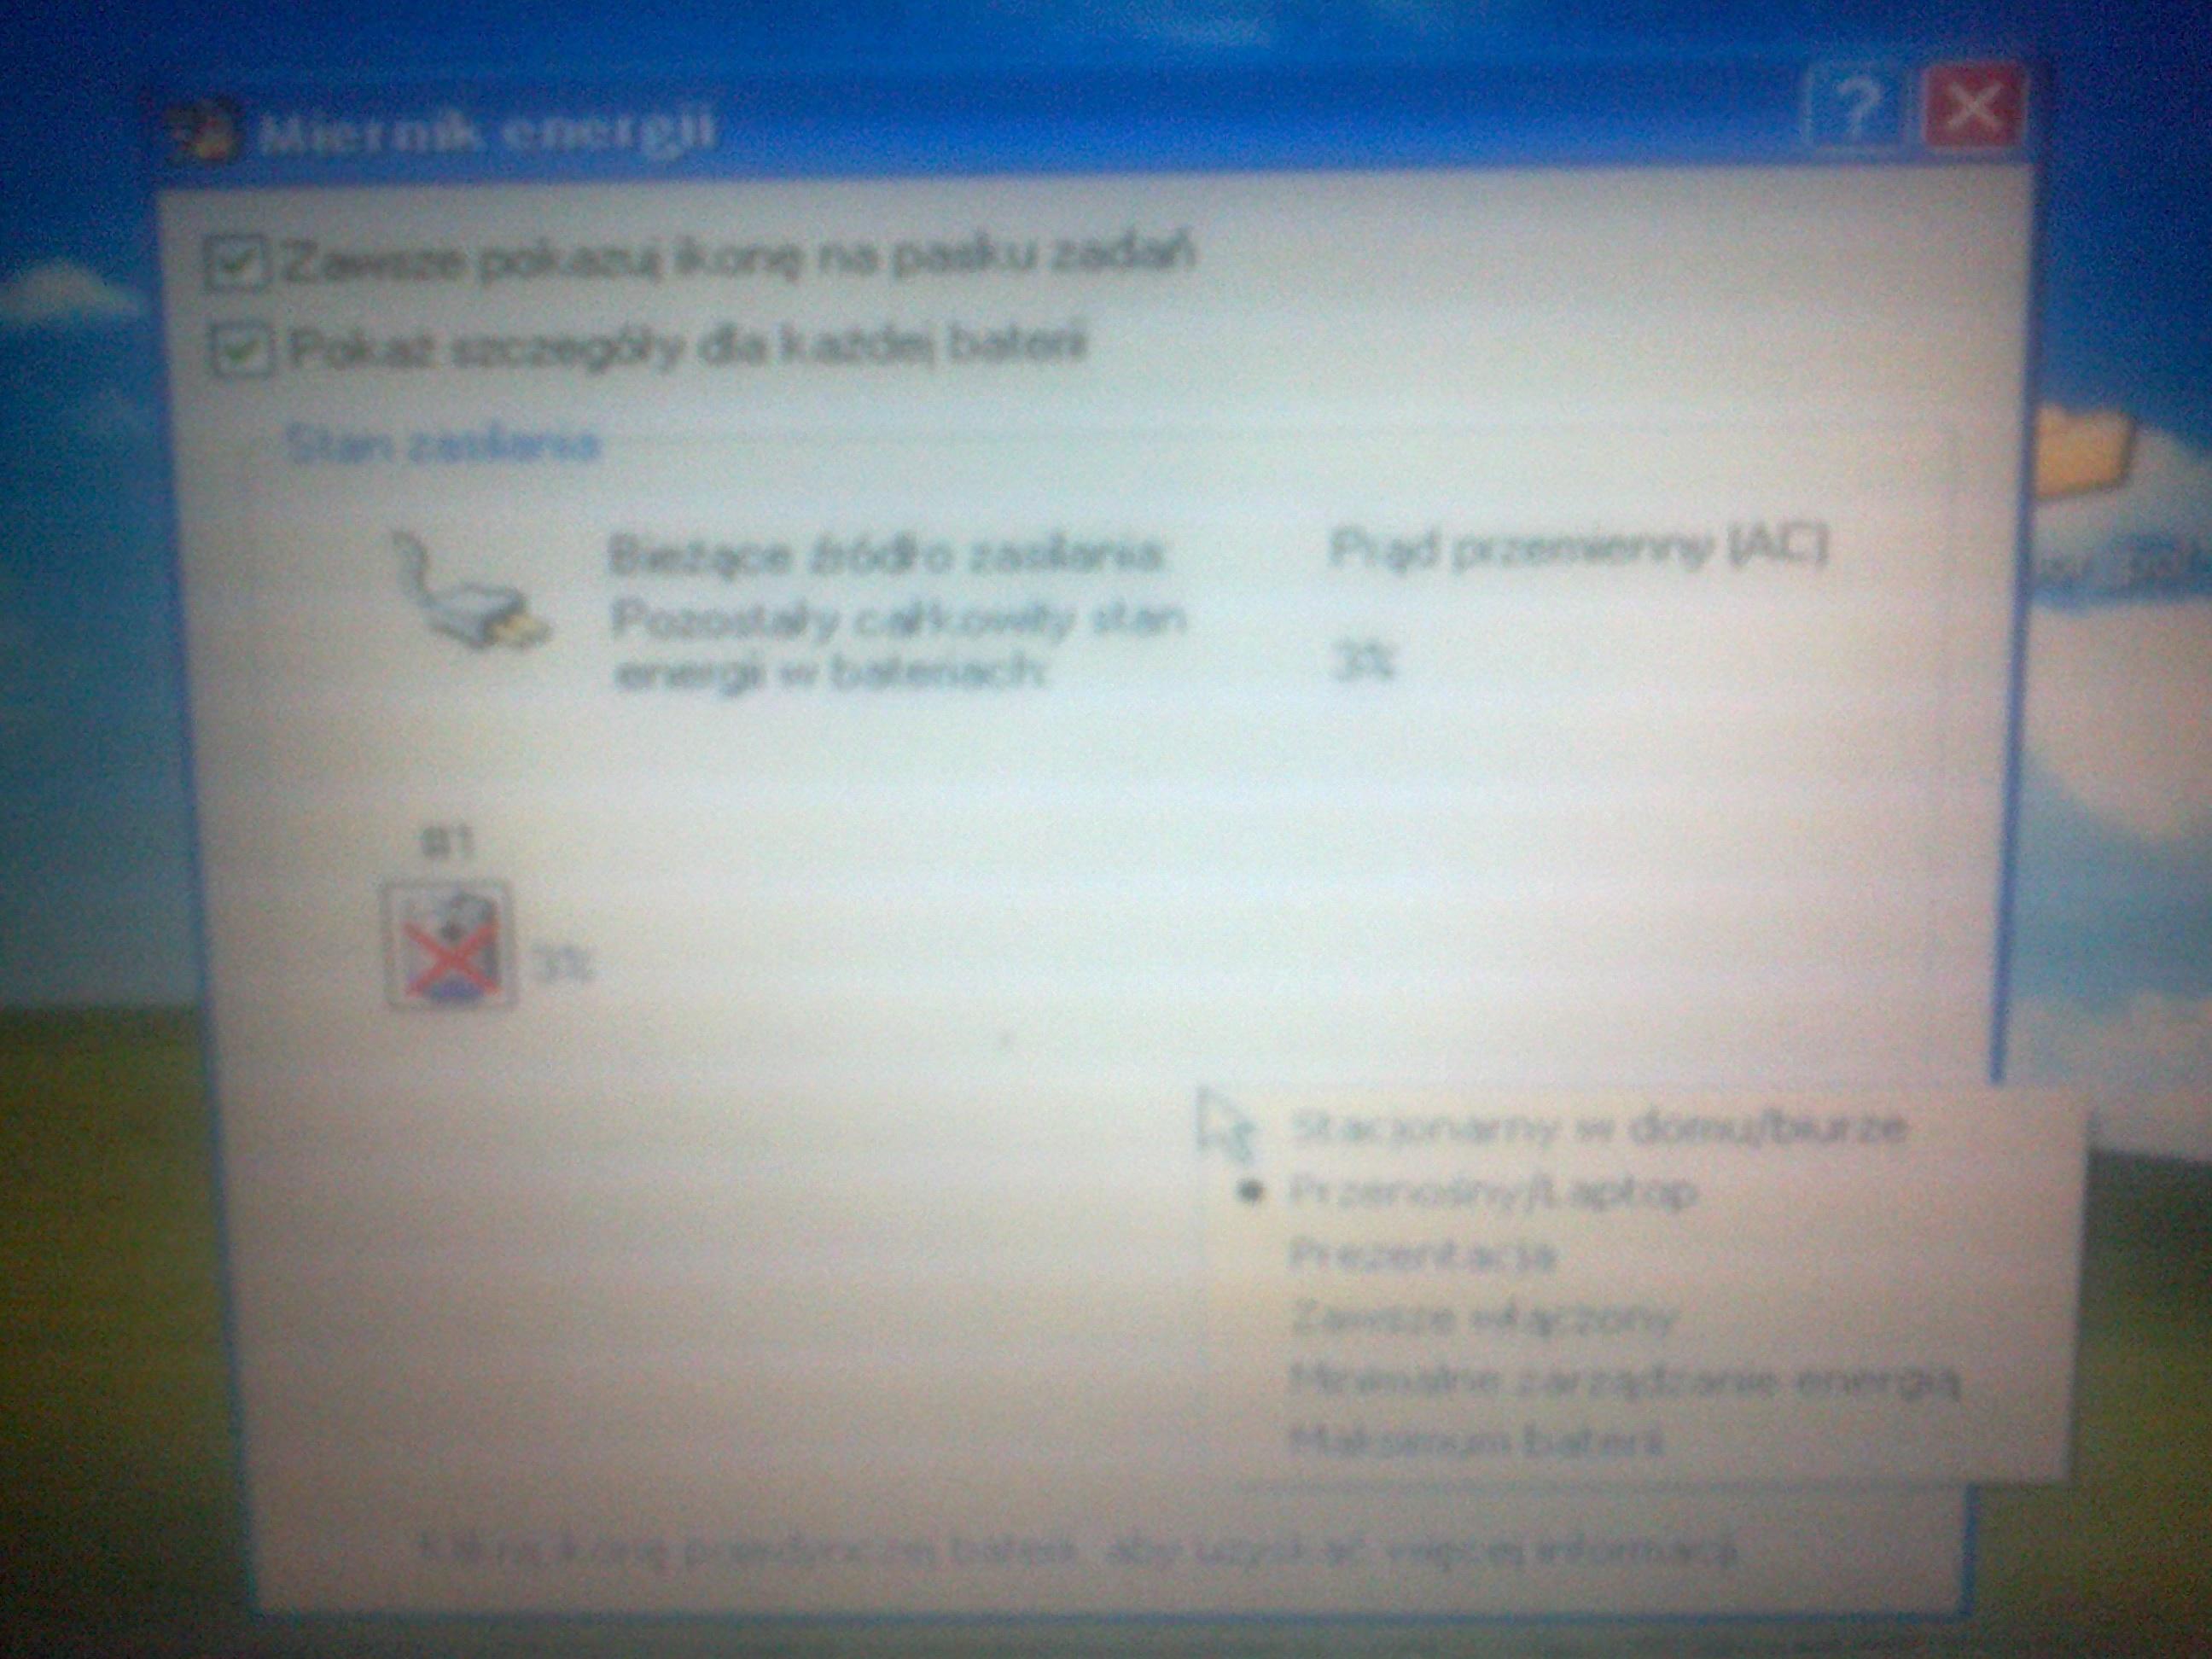 Dell Latitude D430 - nie rozpoznaje zasilacza, nie �aduje.